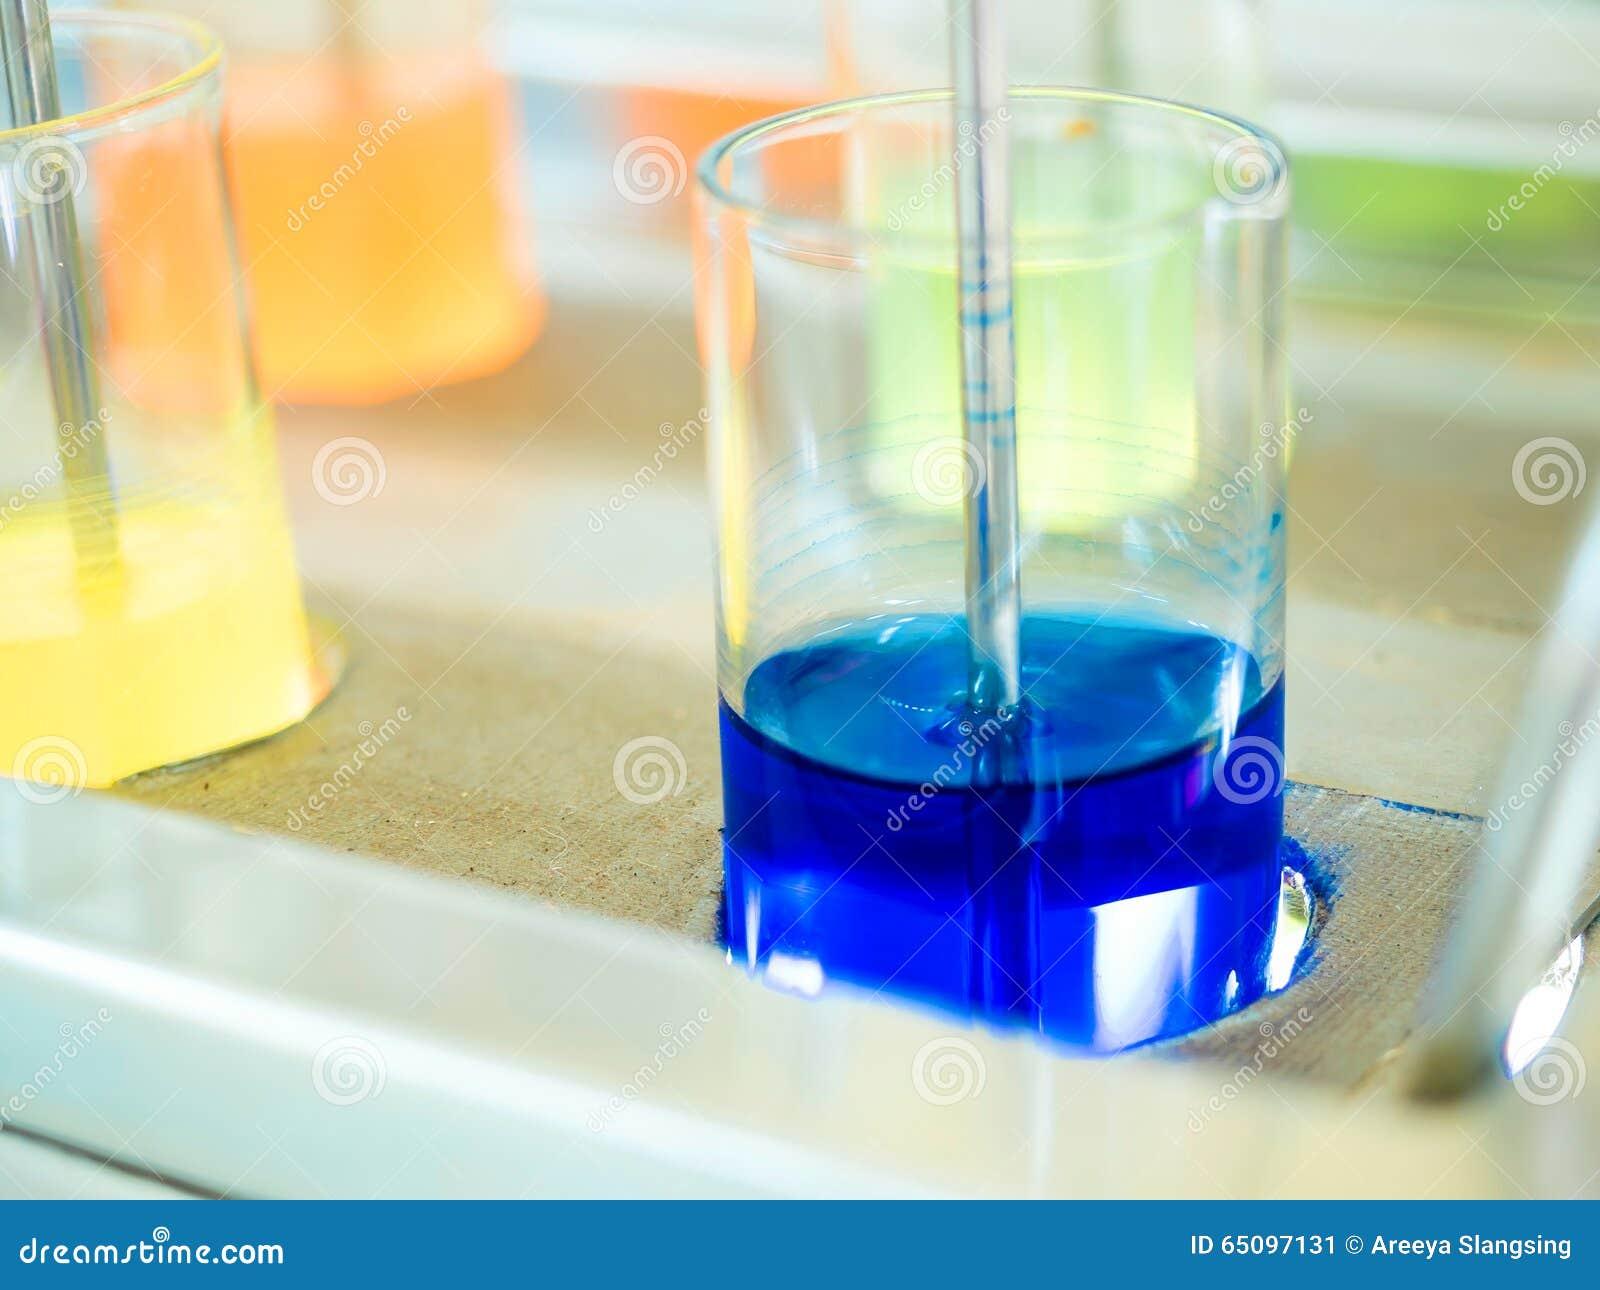 couleur bleue chimique pour le colorant de textile - Colorant Textile